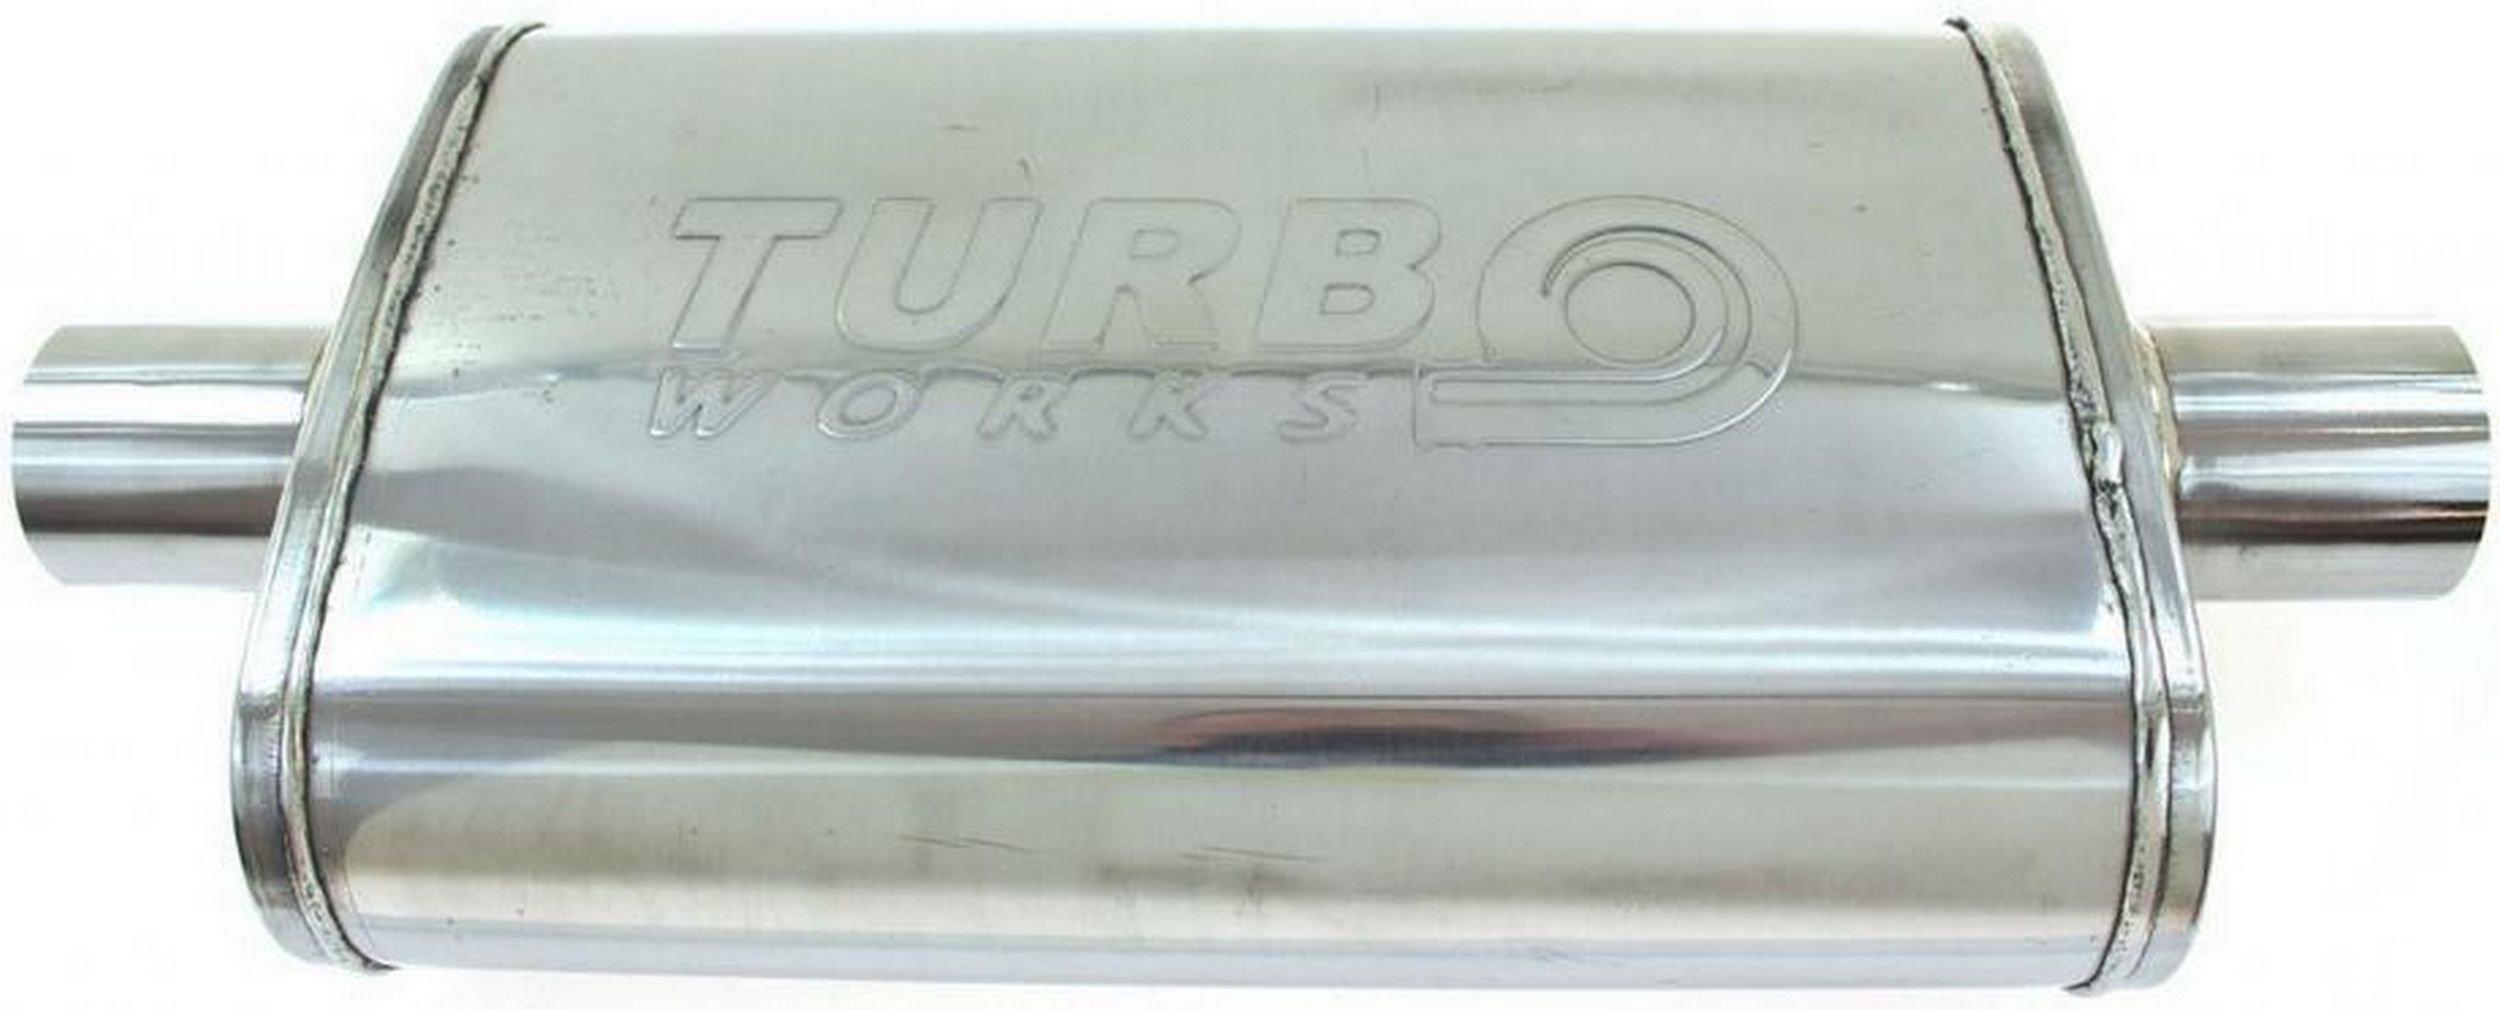 глушитель Средний спортивный 2 5'' turboworks сталь 409